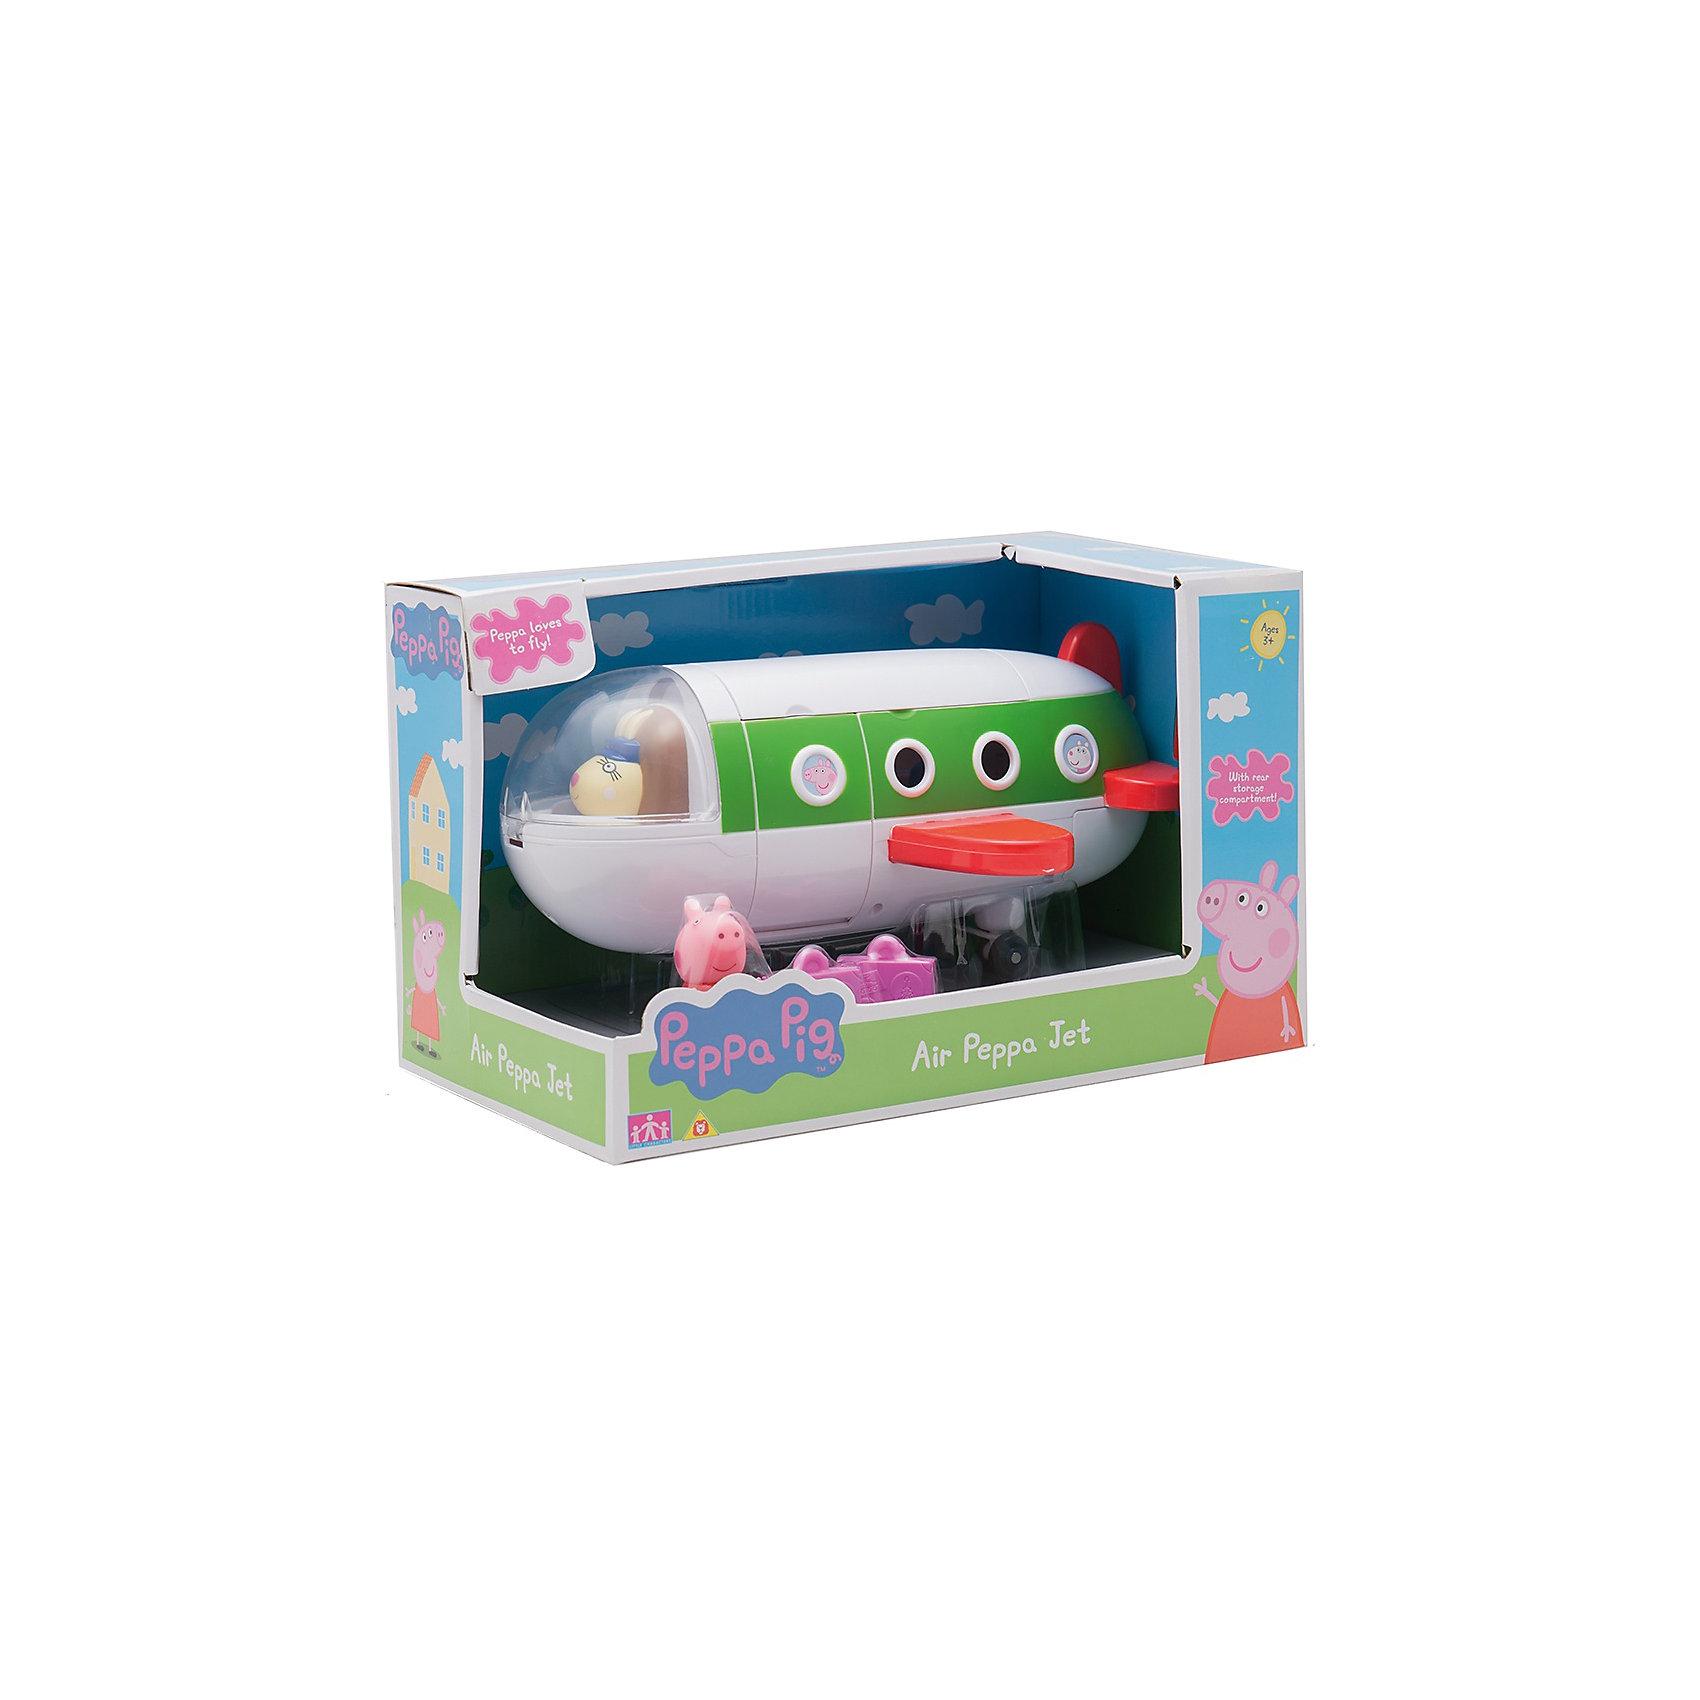 Игровой набор Самолет с Пеппой, Peppa PigИгрушки<br>Игровой набор Самолет с Пеппой, Peppa Pig (Пеппа Пиг).<br><br>Характеристики:<br><br>• Размер: 26X19X13 см.<br>• Цвет: разноцветный.<br>• Материал: пластик.<br>• В комплекте: самолет, фигурка Пеппы, чемоданы<br><br>Игровой набор Самолет с Пеппой, Peppa Pig (Пеппа Пиг) создан по мотивам популярного мультфильма про Свинку Пеппу. Яркий игровой набор сразу же привлечет внимание детей и разнообразит их досуг тематическими играми по мотивам любимого мультфильма. Он представляет собой  самолет,за штурвалом которого сидит мадам Крольчиха. Также в наборе фигурка Свинки Пеппы в красном платьице и чемоданы.  Игровая конструкция и аксессуары изготовлены из прочного пластика высокого качества, который нетоксичен и очень приятный на ощупь. Порадуйте своего малыша, подарив ему такой замечательный набор!<br><br>Игровой набор Самолет с Пеппой, Peppa Pig (Пеппа Пиг), можно купить в нашем интернет- магазине.<br><br>Ширина мм: 290<br>Глубина мм: 175<br>Высота мм: 180<br>Вес г: 720<br>Возраст от месяцев: 36<br>Возраст до месяцев: 2147483647<br>Пол: Унисекс<br>Возраст: Детский<br>SKU: 5211669